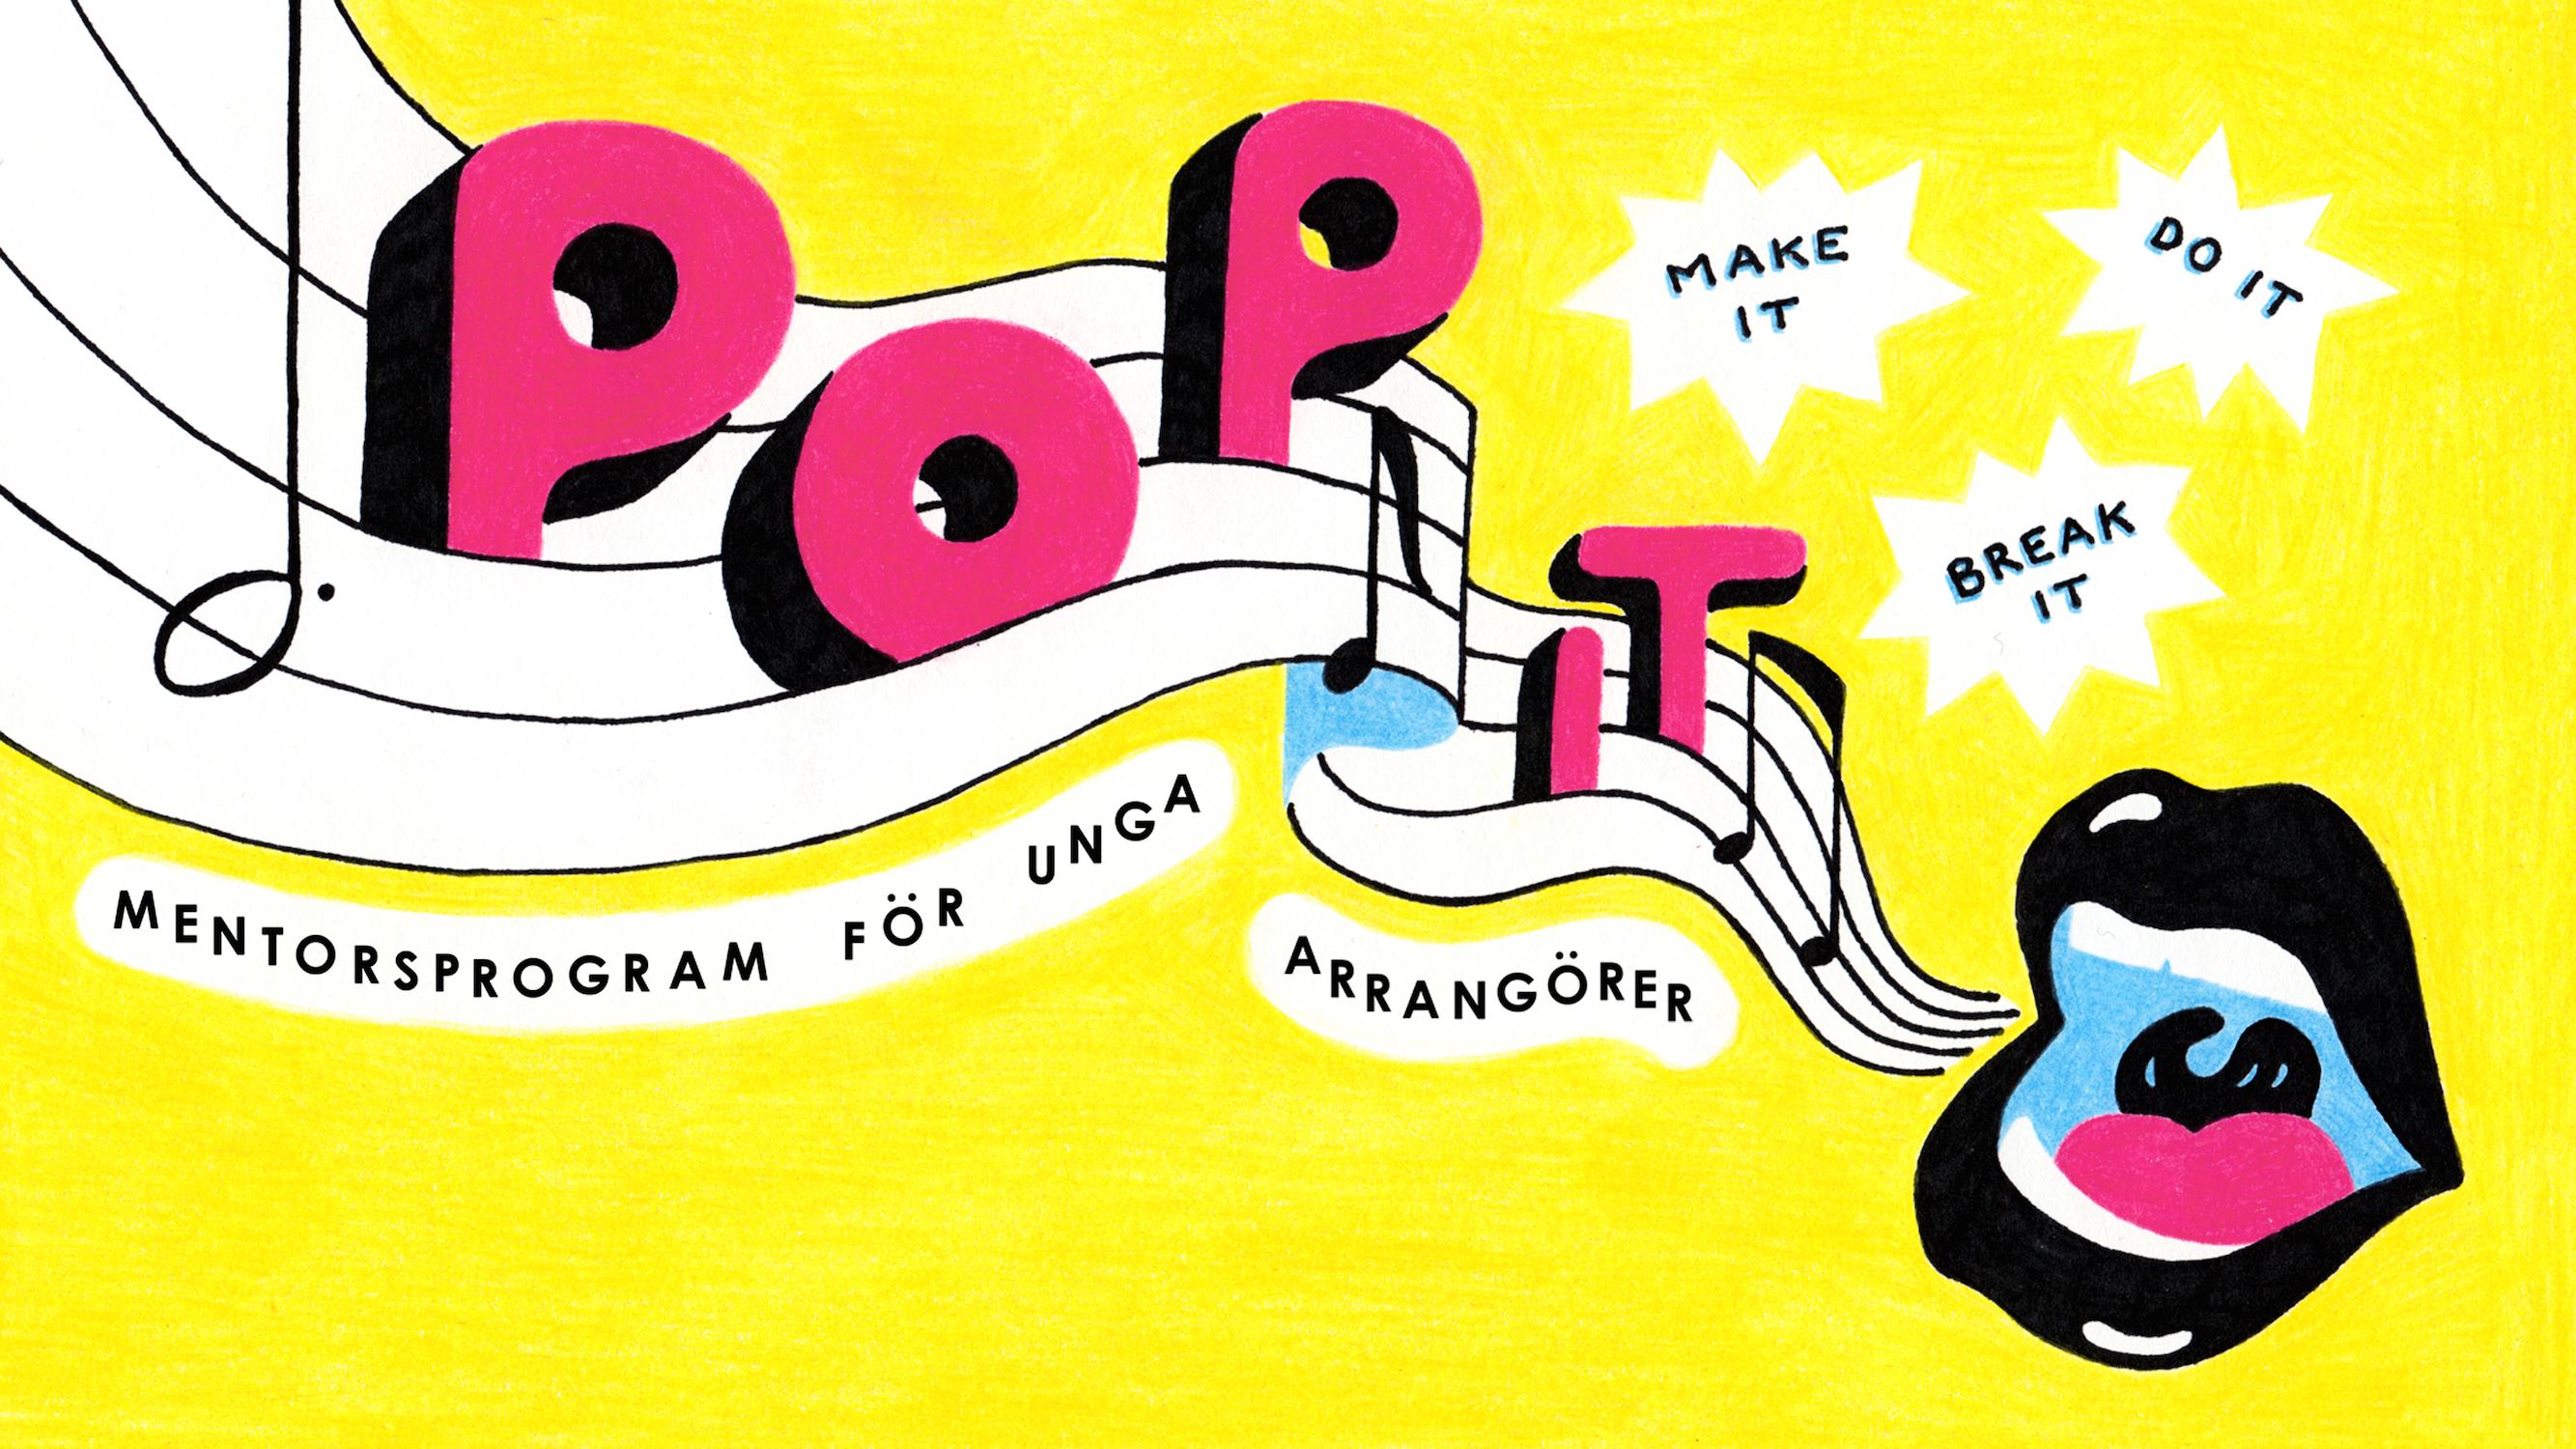 Mentorsprogram för unga arrangörer